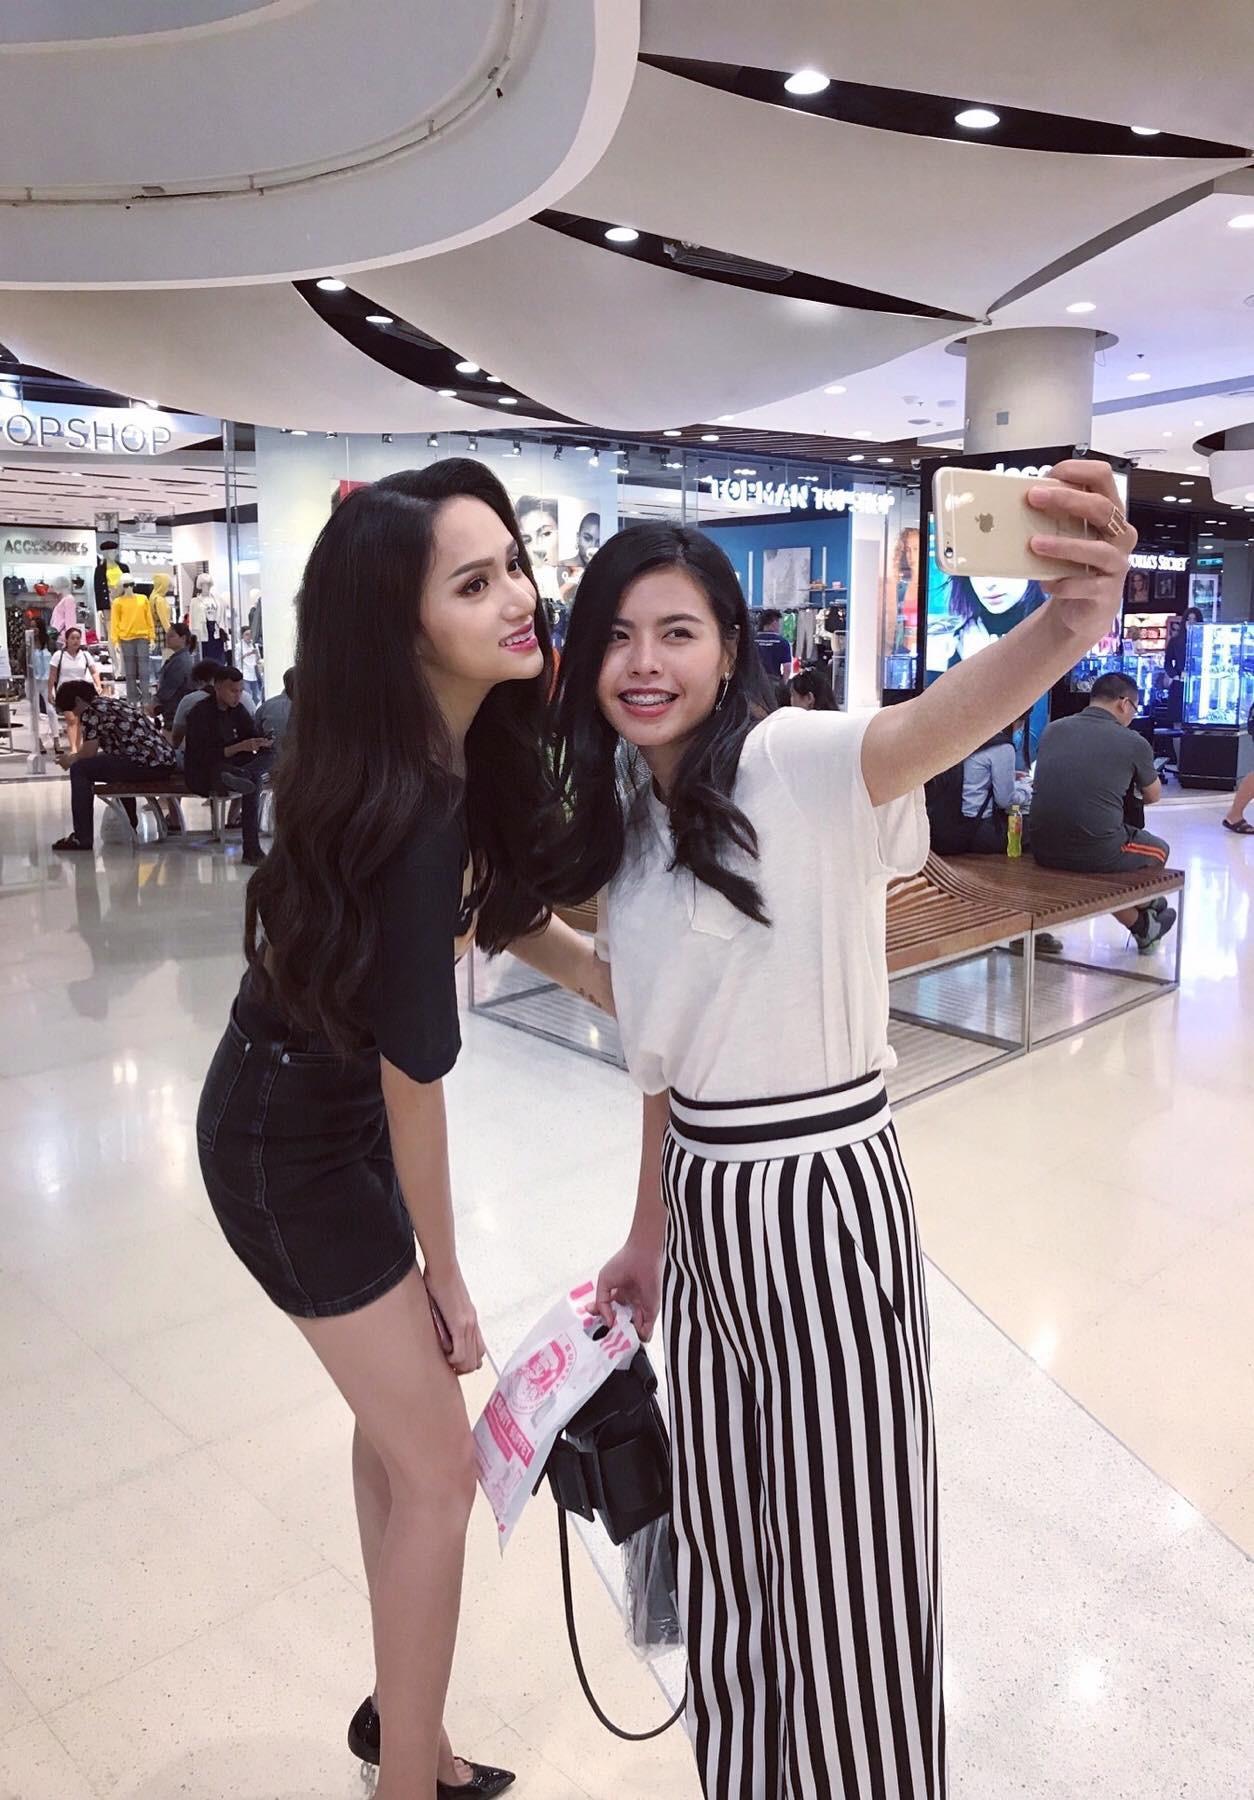 Giản dị đi shopping bằng phương tiện công cộng, Hương Giang được người hâm mộ quốc tế săn đón sau đăng quang - Ảnh 9.